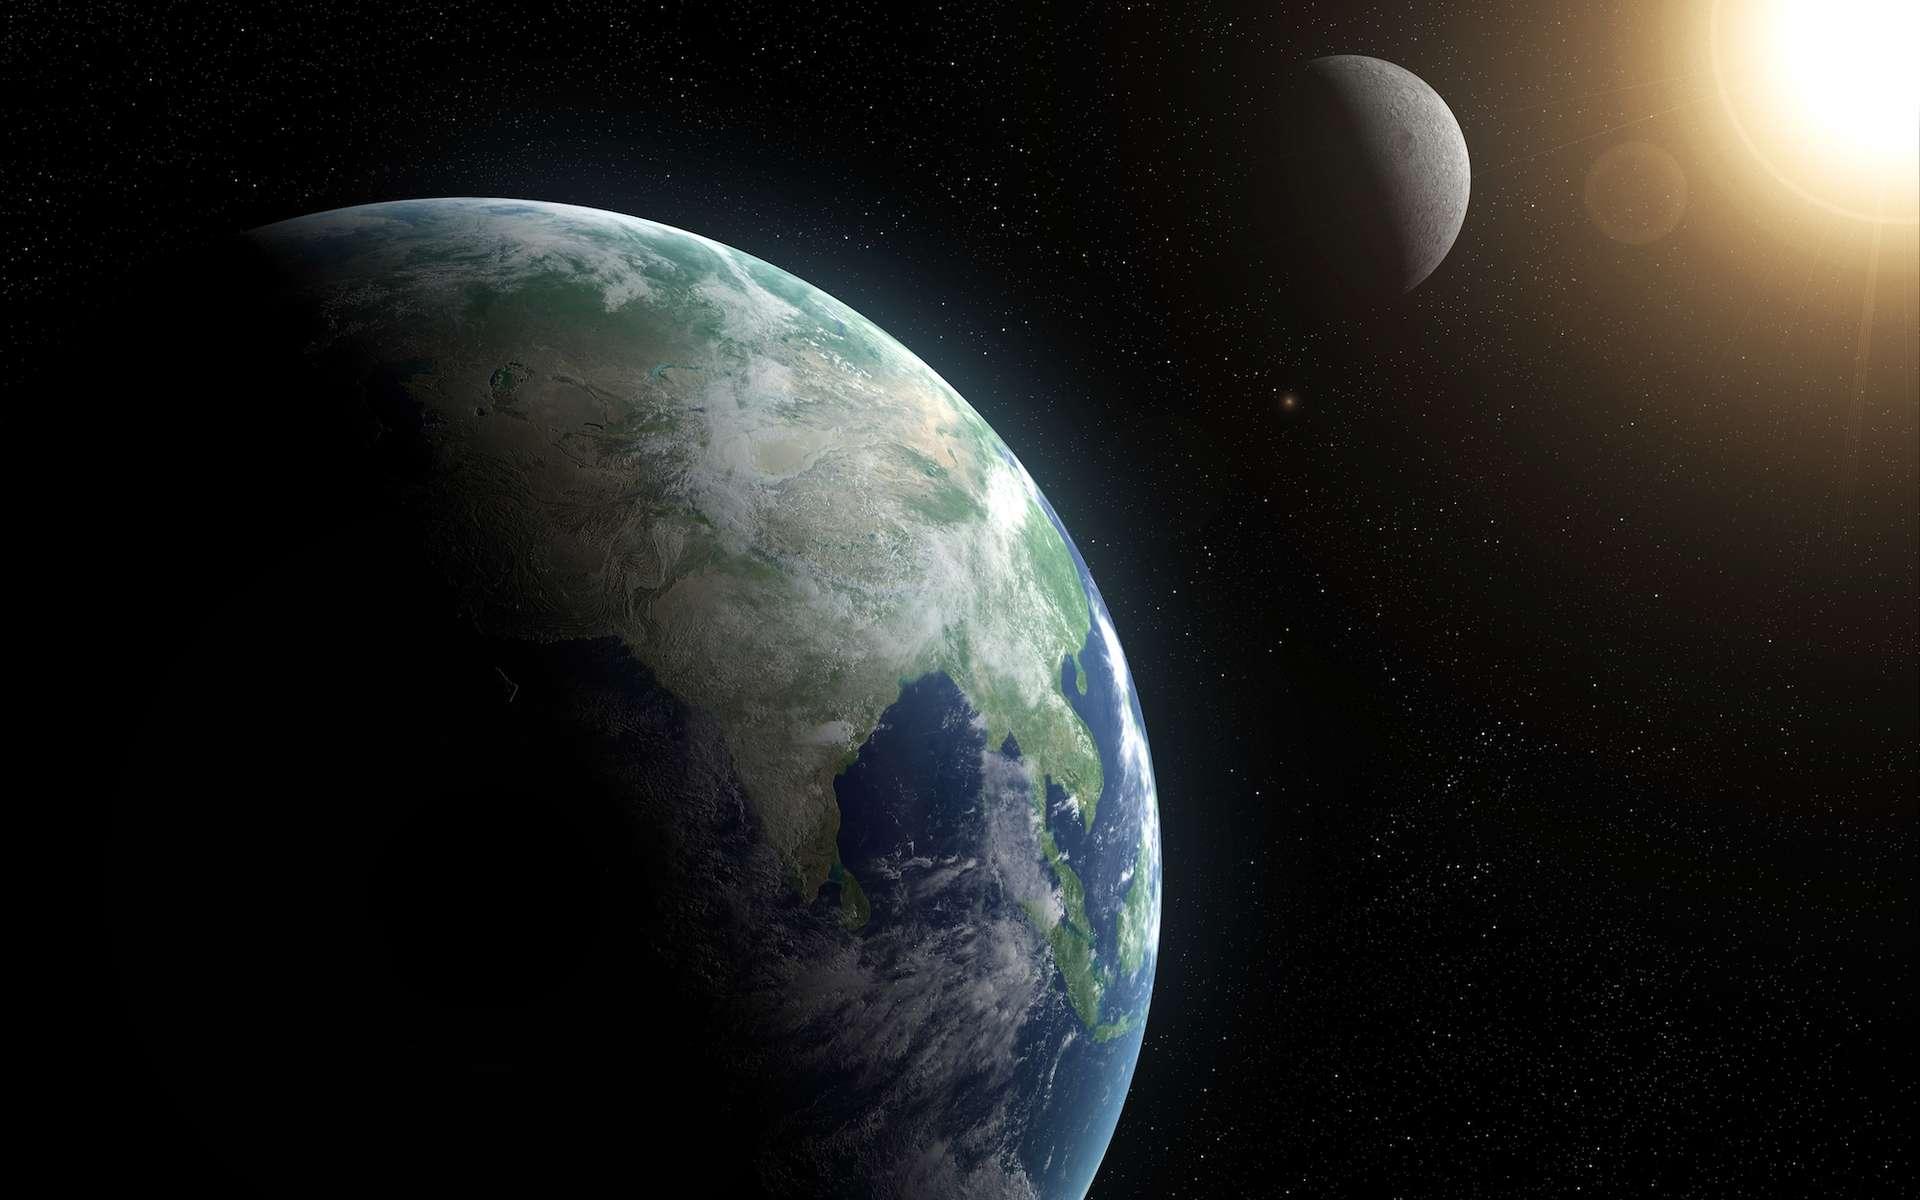 Le champ magnétique terrestre peut dire merci à la Lune. En effet, une puissance de 3.700 milliards de watts est constamment fournie à la Terre par transfert des énergies gravitationnelles et de rotation du système Terre-Lune-Soleil. © Sebastian Kaulitzki, Shutterstock